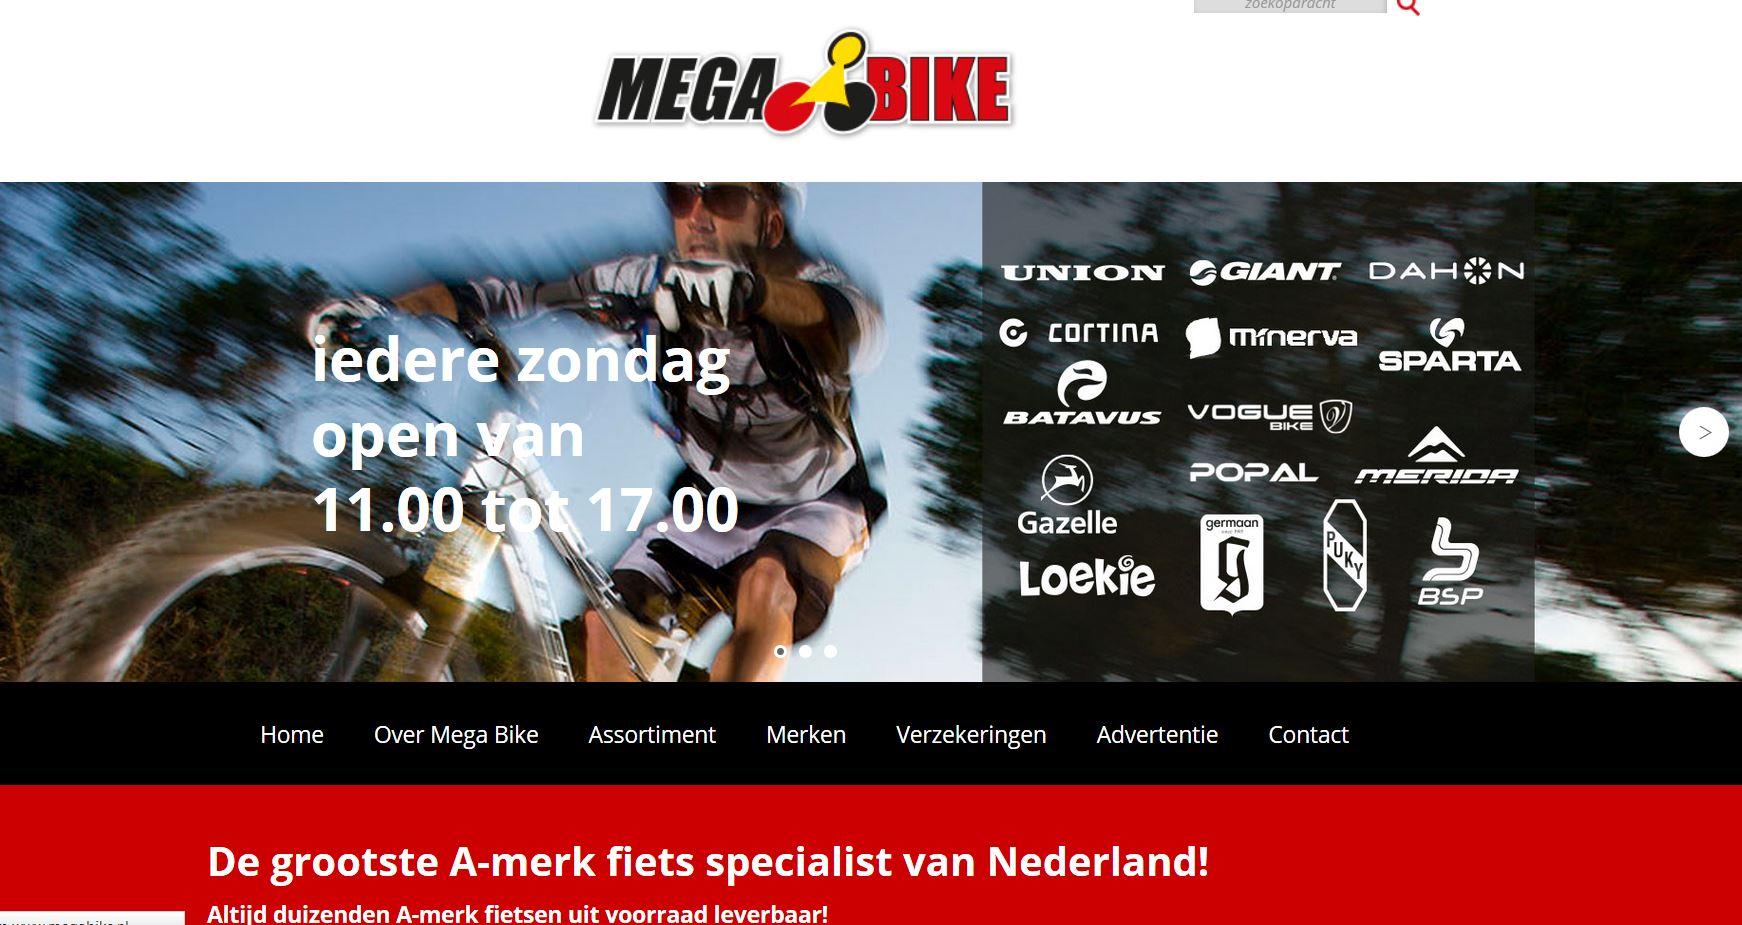 megabike_page_grab_1